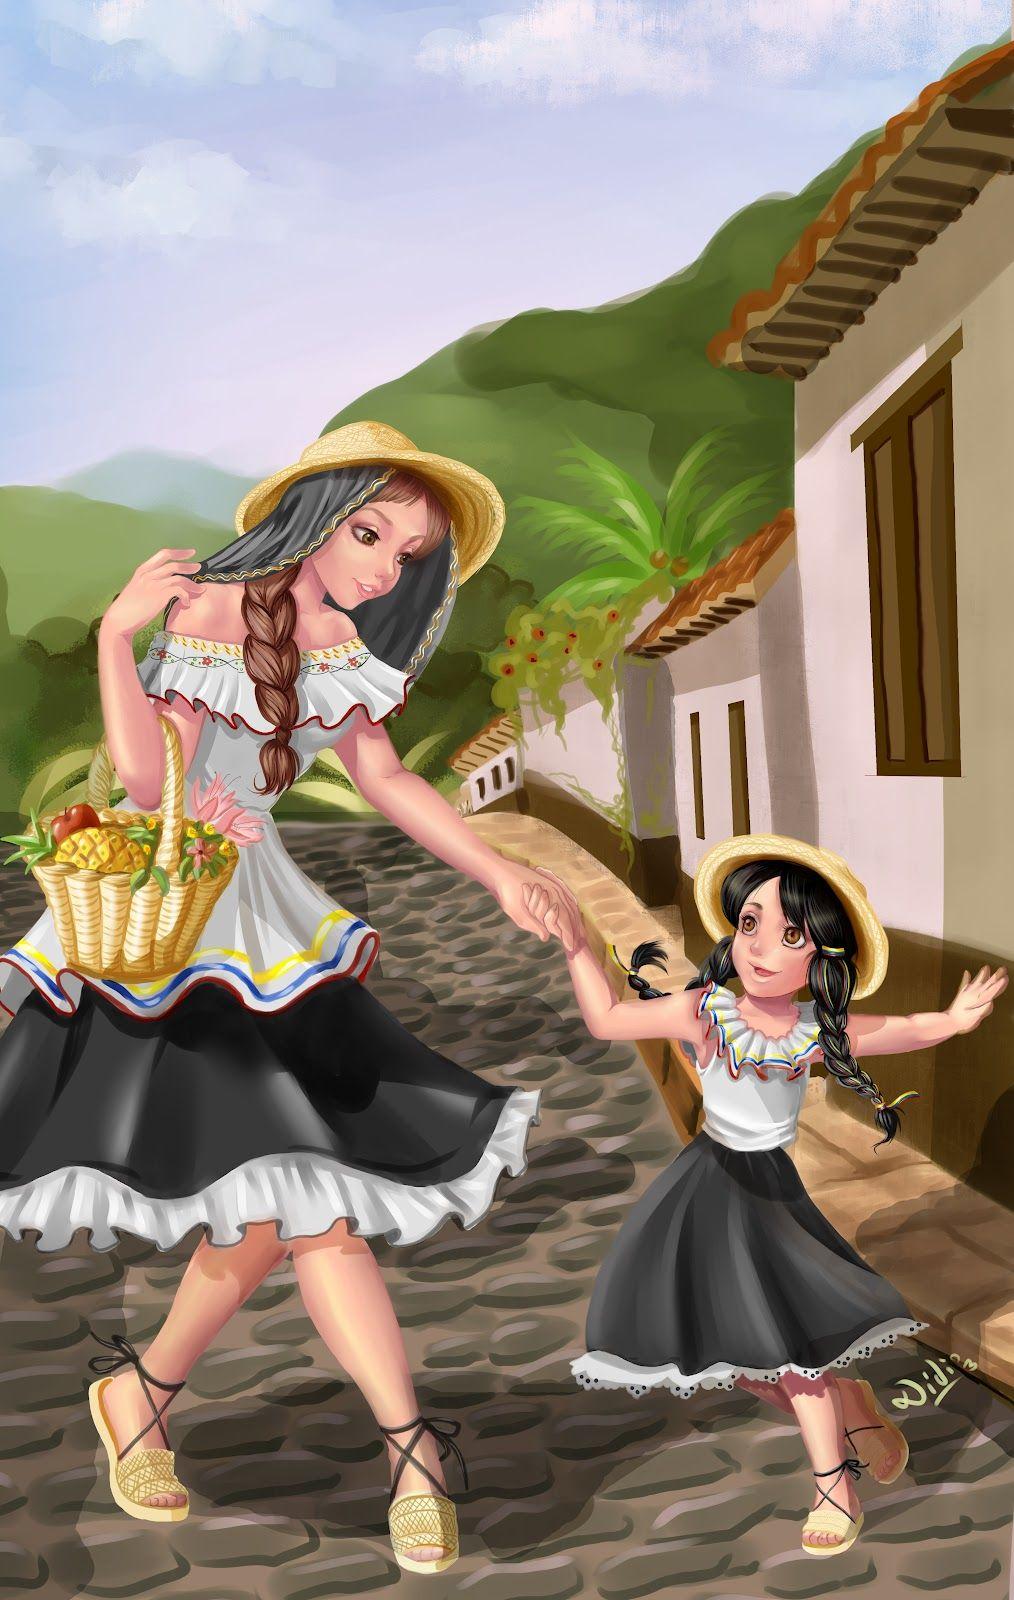 campesina y niña, ilustración muy bonita